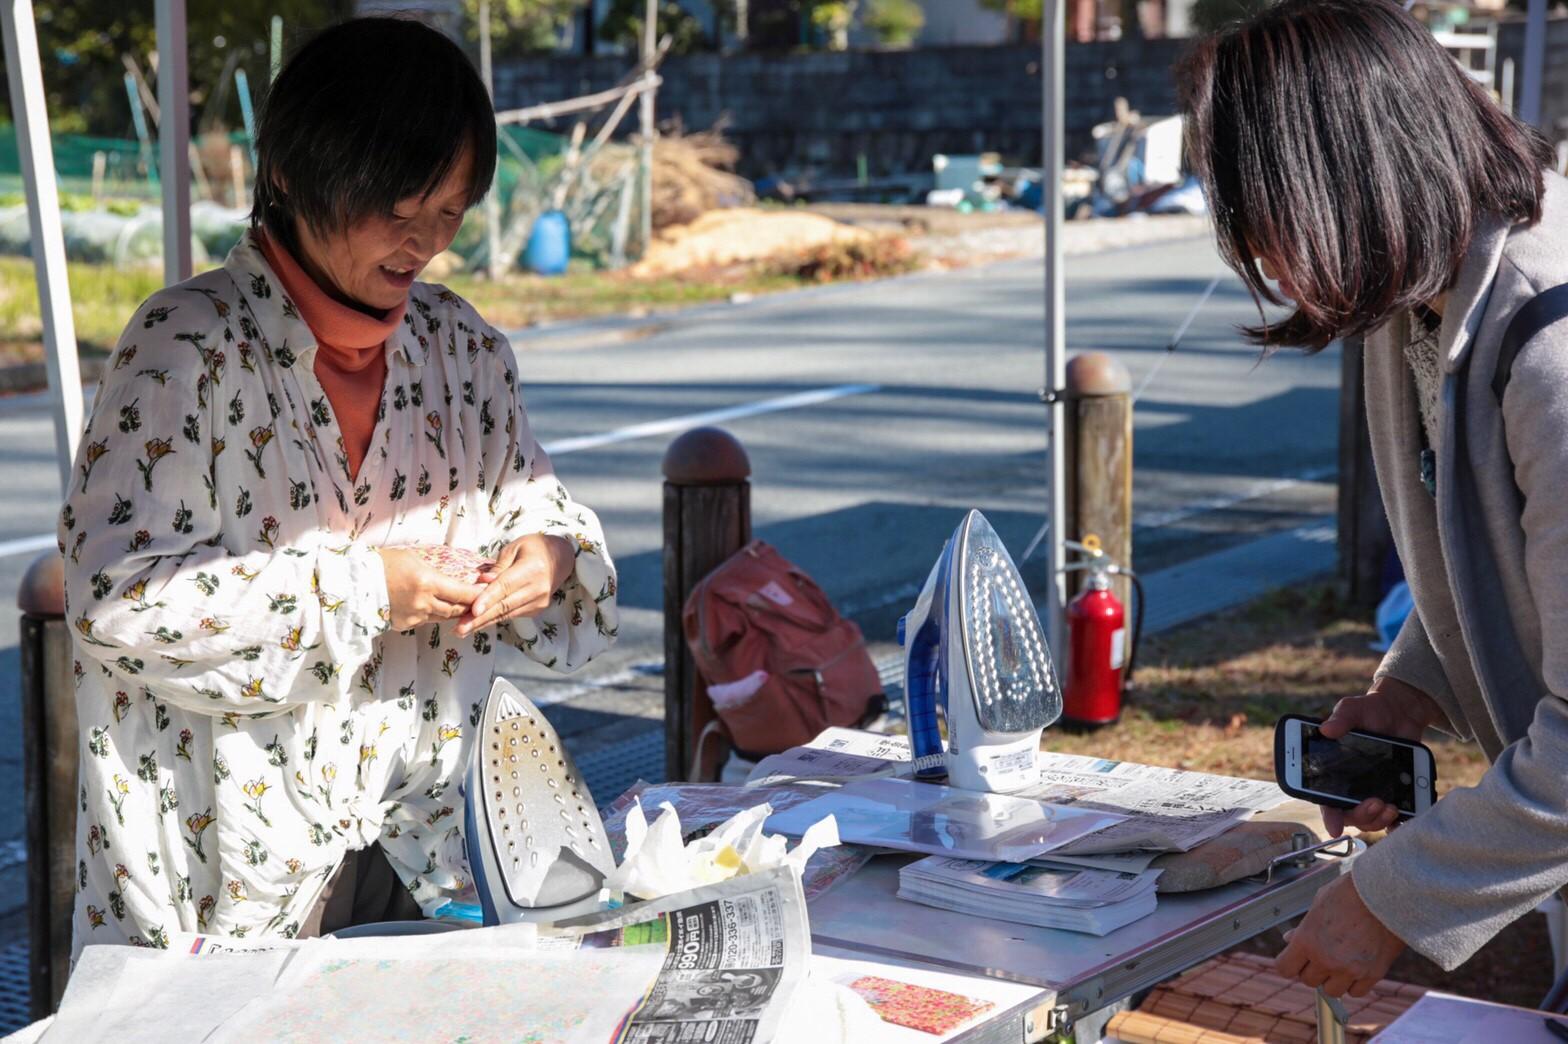 【地域プロジェクト】 能勢かほるー蜜蝋を使った商品づくりワークショップ体験レポート